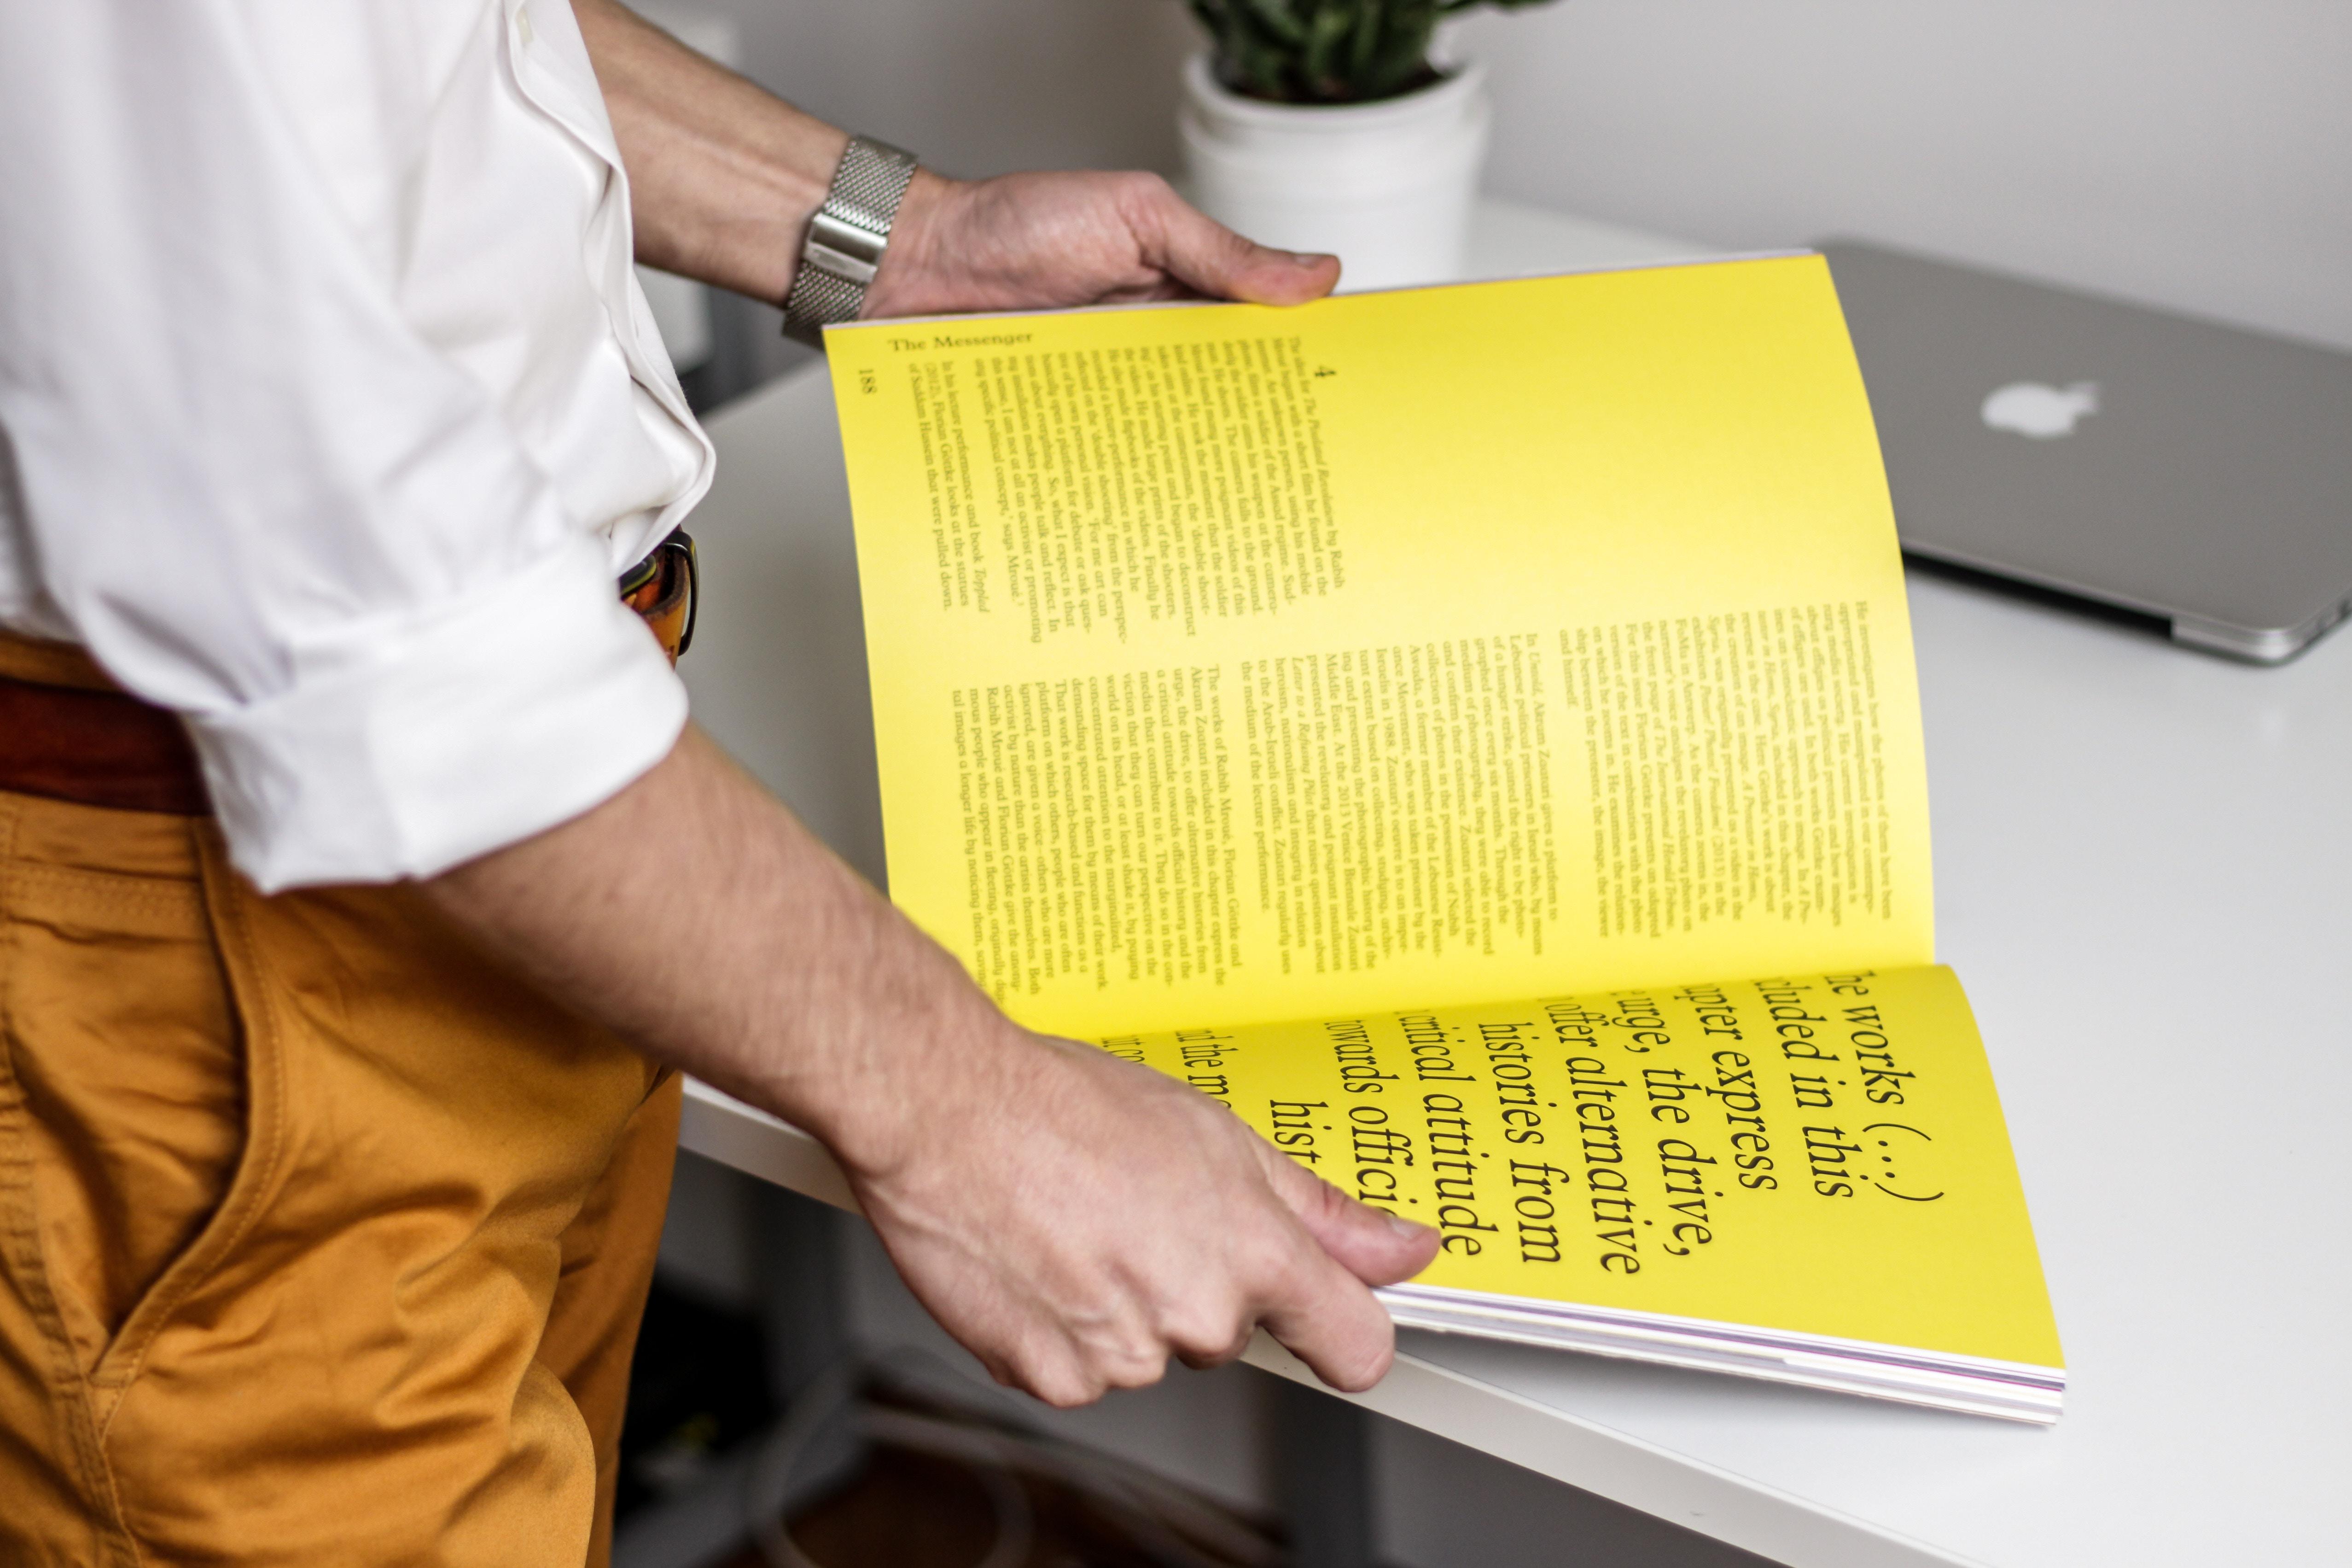 Mężczyzna na stole katalog klejony